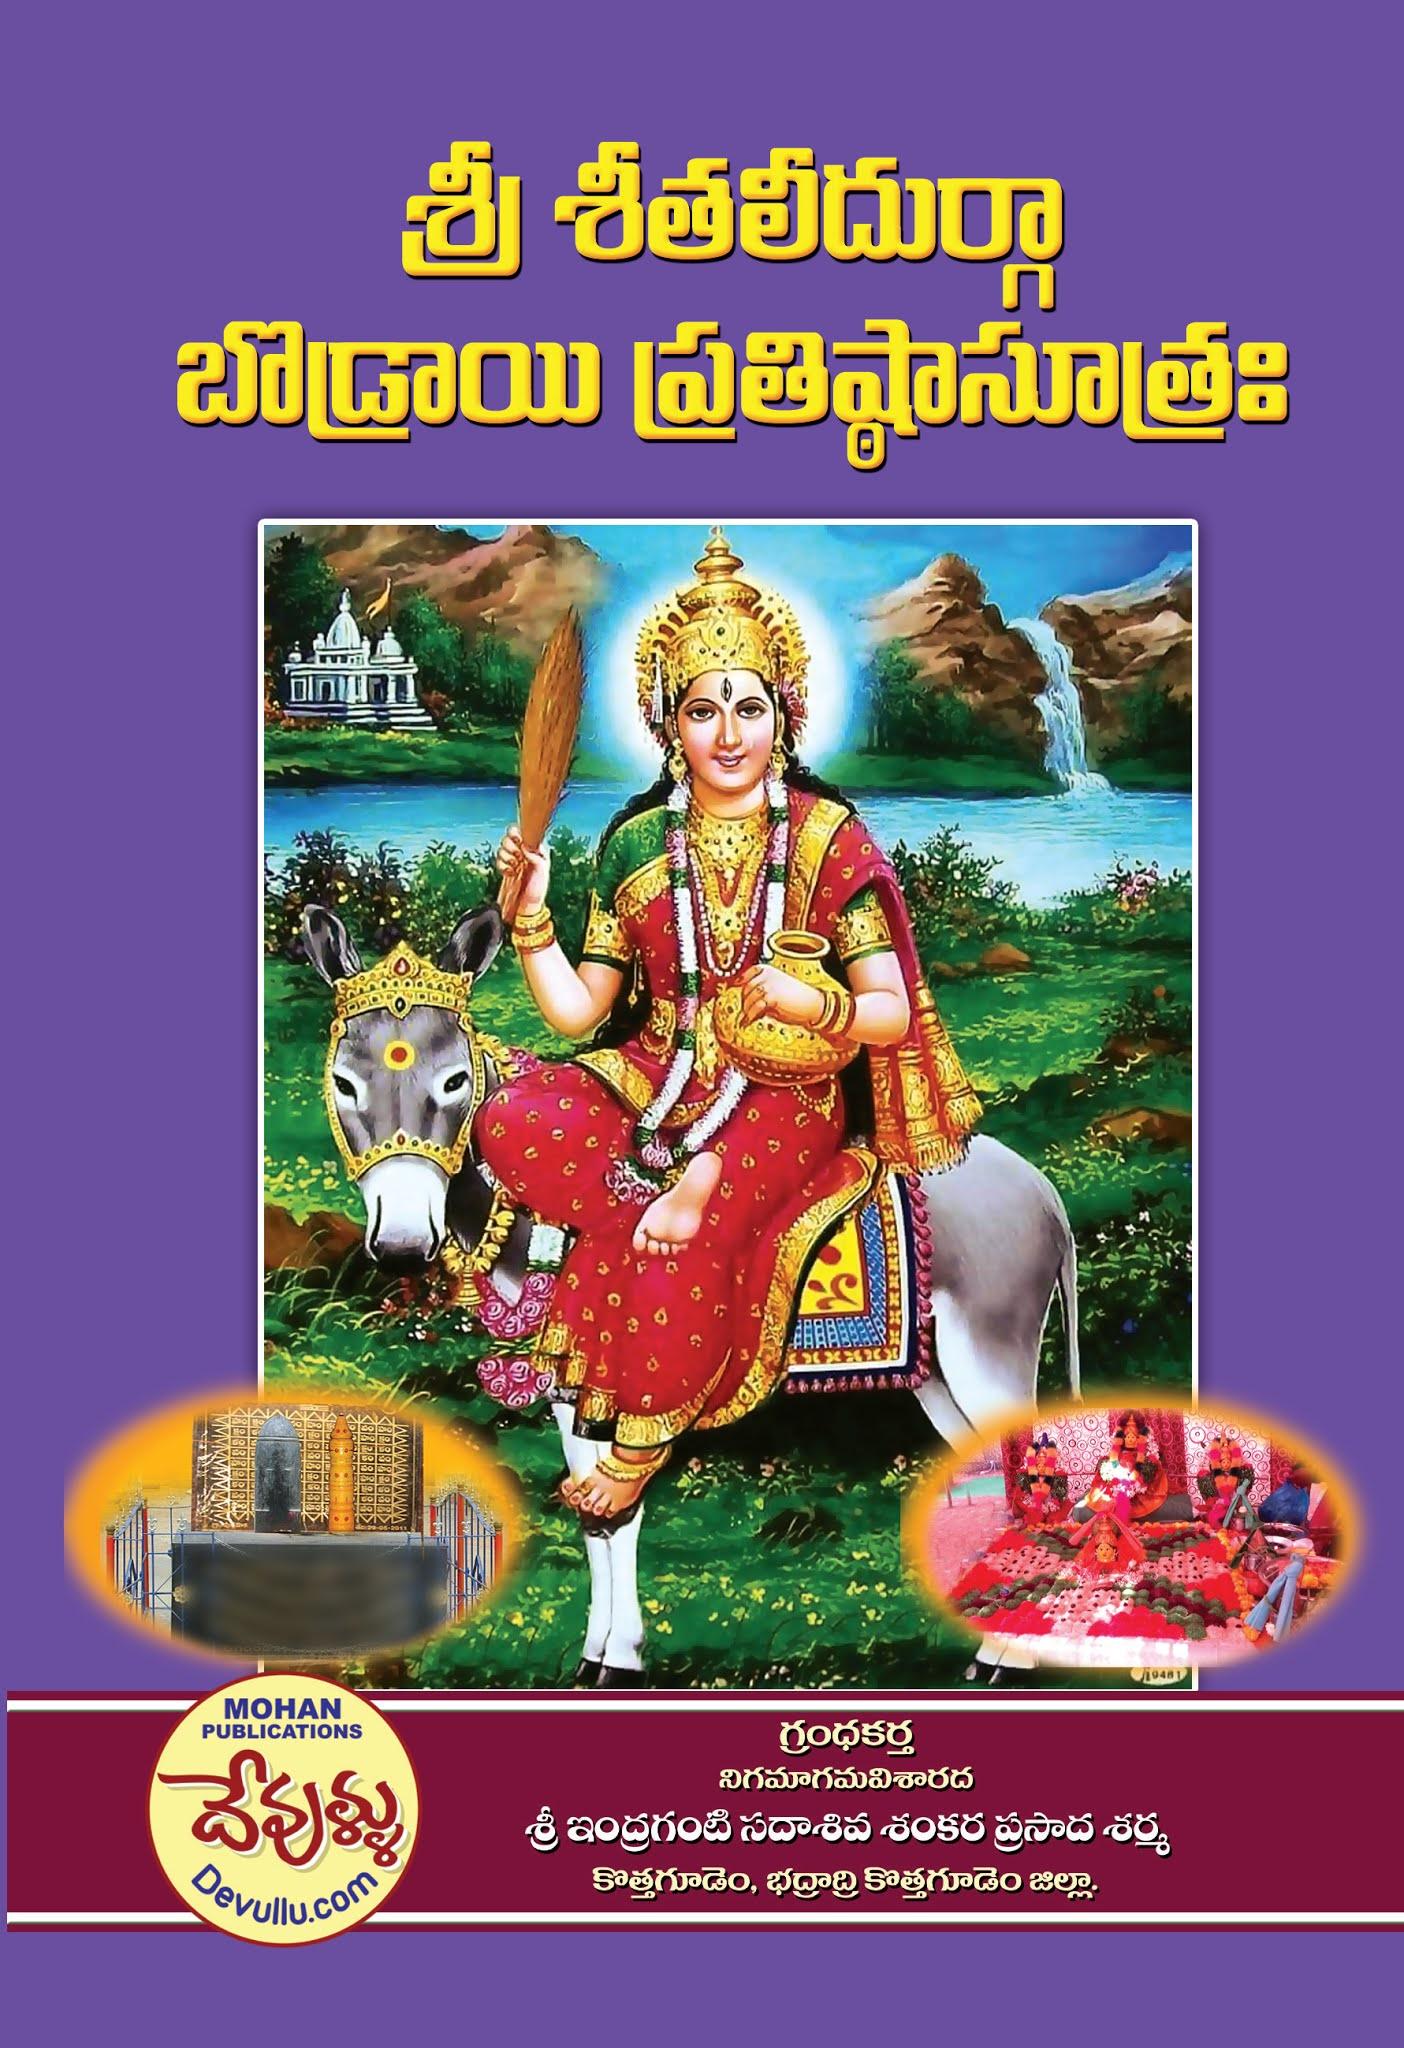 Sri Shitali Durga Bodrai Prathista Sutram | శ్రీ శీతలీ దుర్గా బొడ్రాయి ప్రతిష్టాసూత్రః